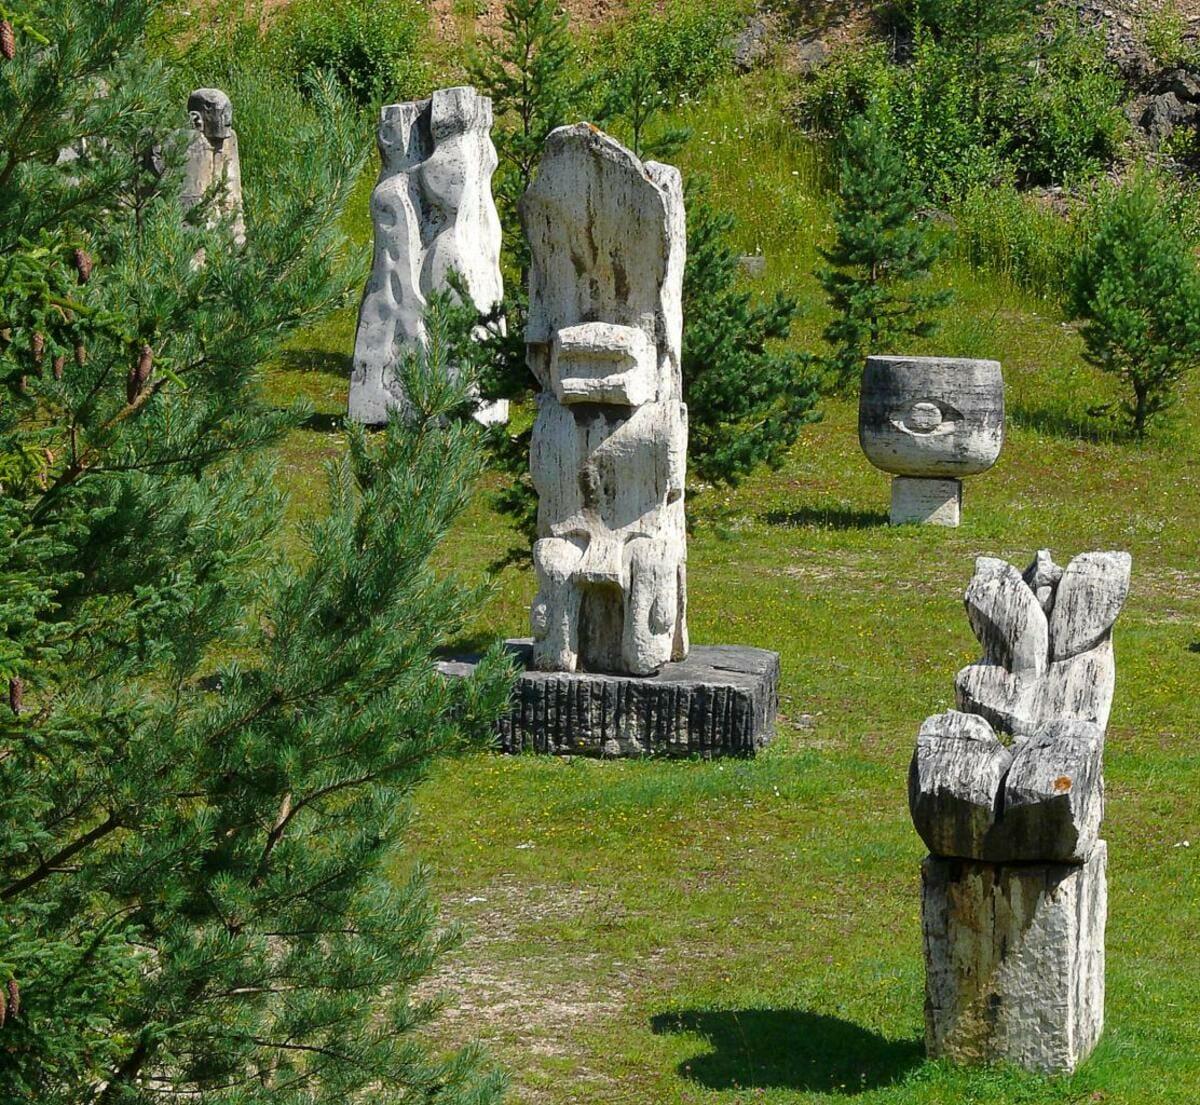 Pohľad na viaceré travertínové sochy ako súčasť Národnej kultúrnej pamiatky vo Vyšných Ružbachoch